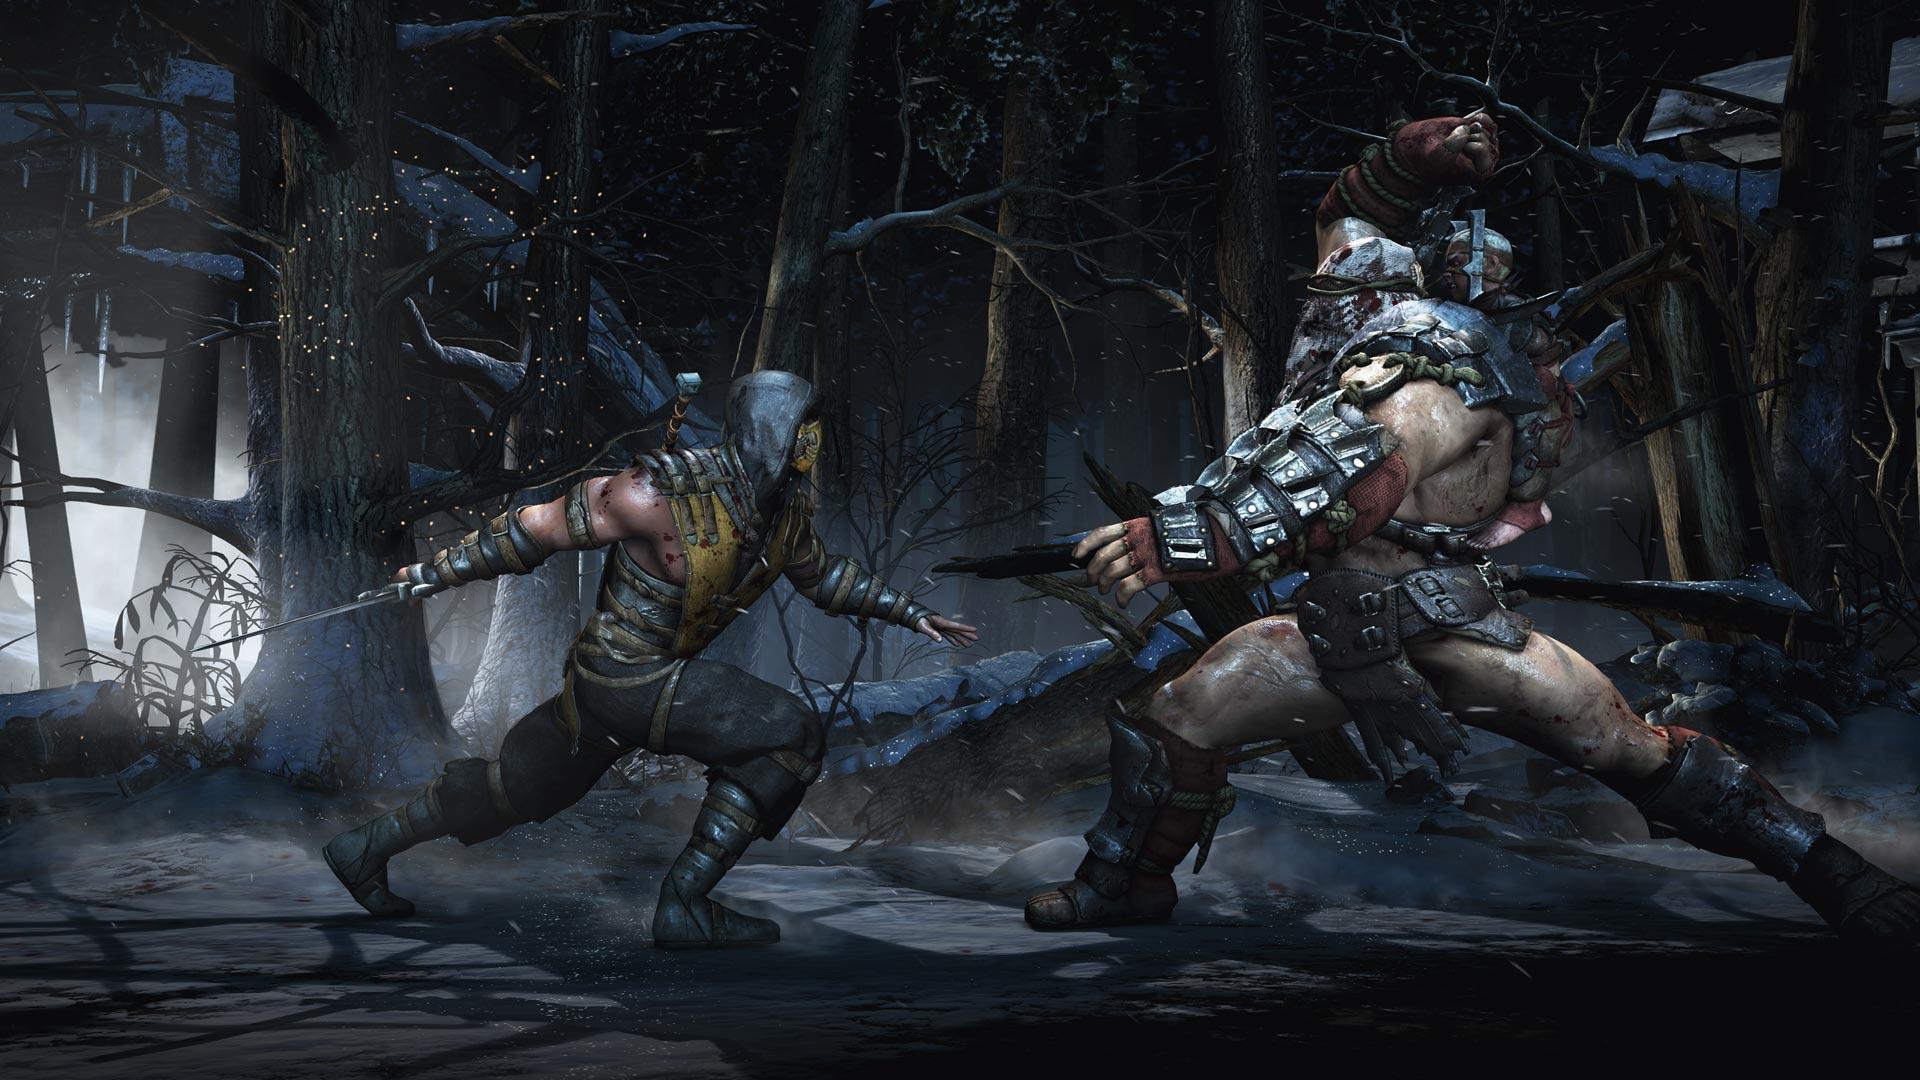 Mortal kombat x андроид пк